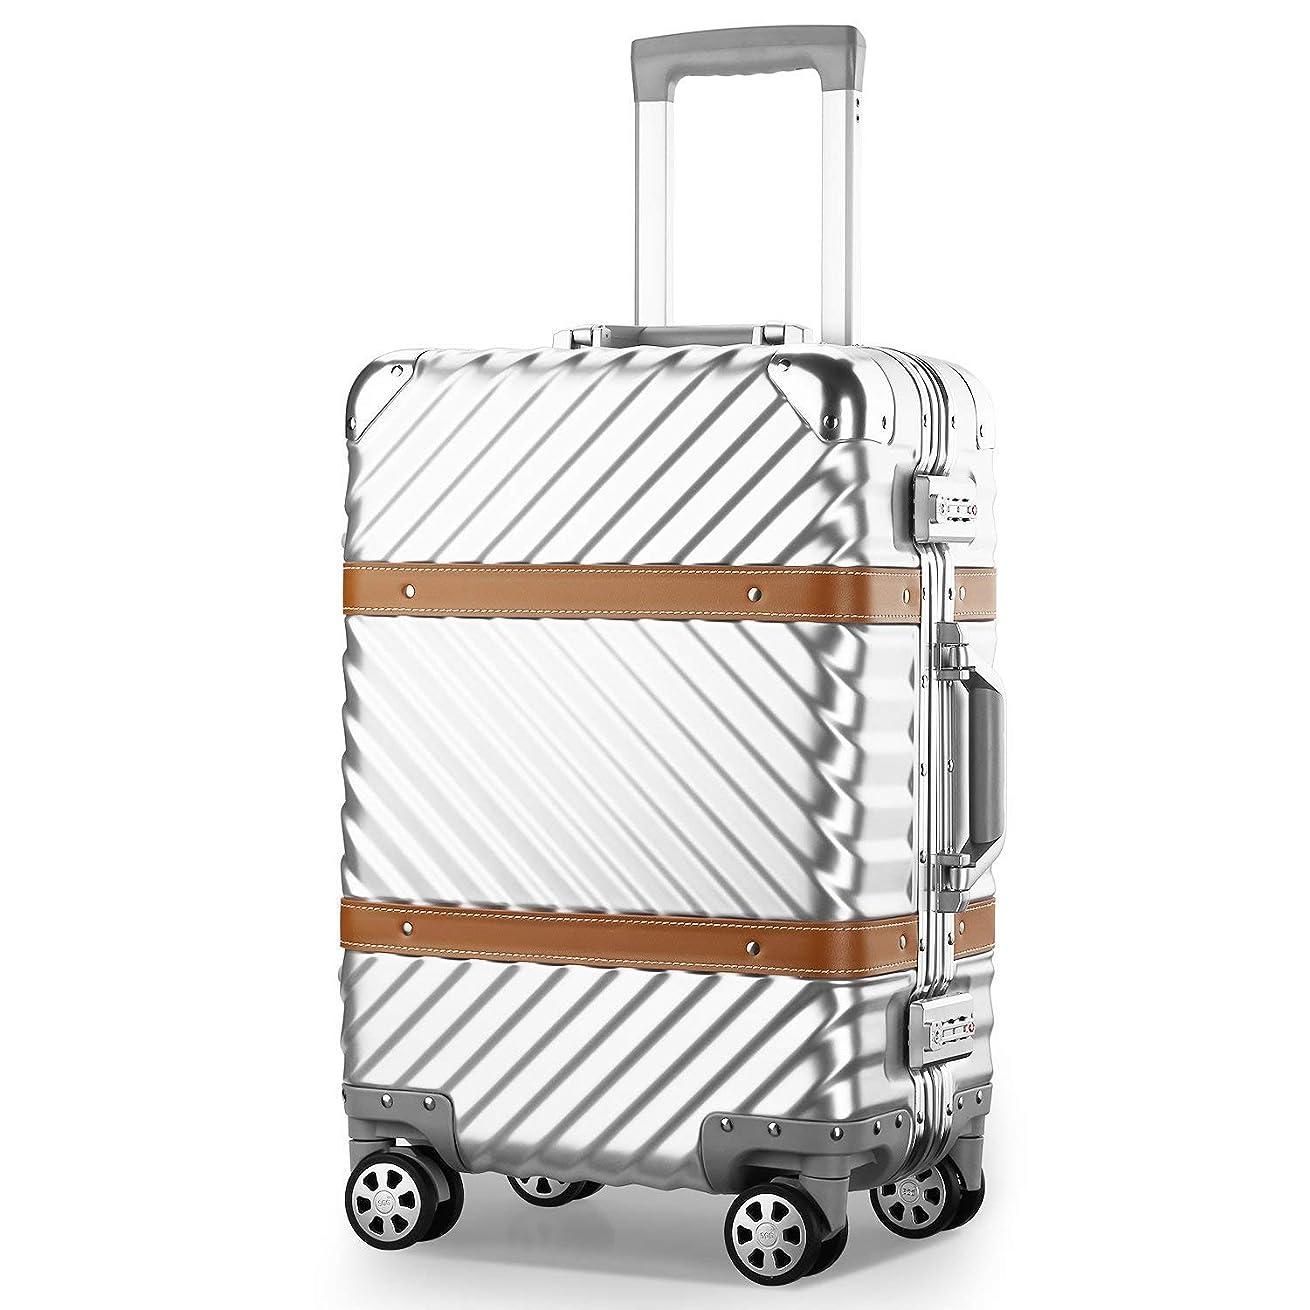 対処着飾る使用法クロース(Kroeus) スーツケース ファスナータイプ 4輪ダブルキャスター 静音 大型 大容量 軽量 人気 ソフト キャリーケース 旅行 出張 TSAロック搭載 耐衝撃 ヘアライン仕上げ